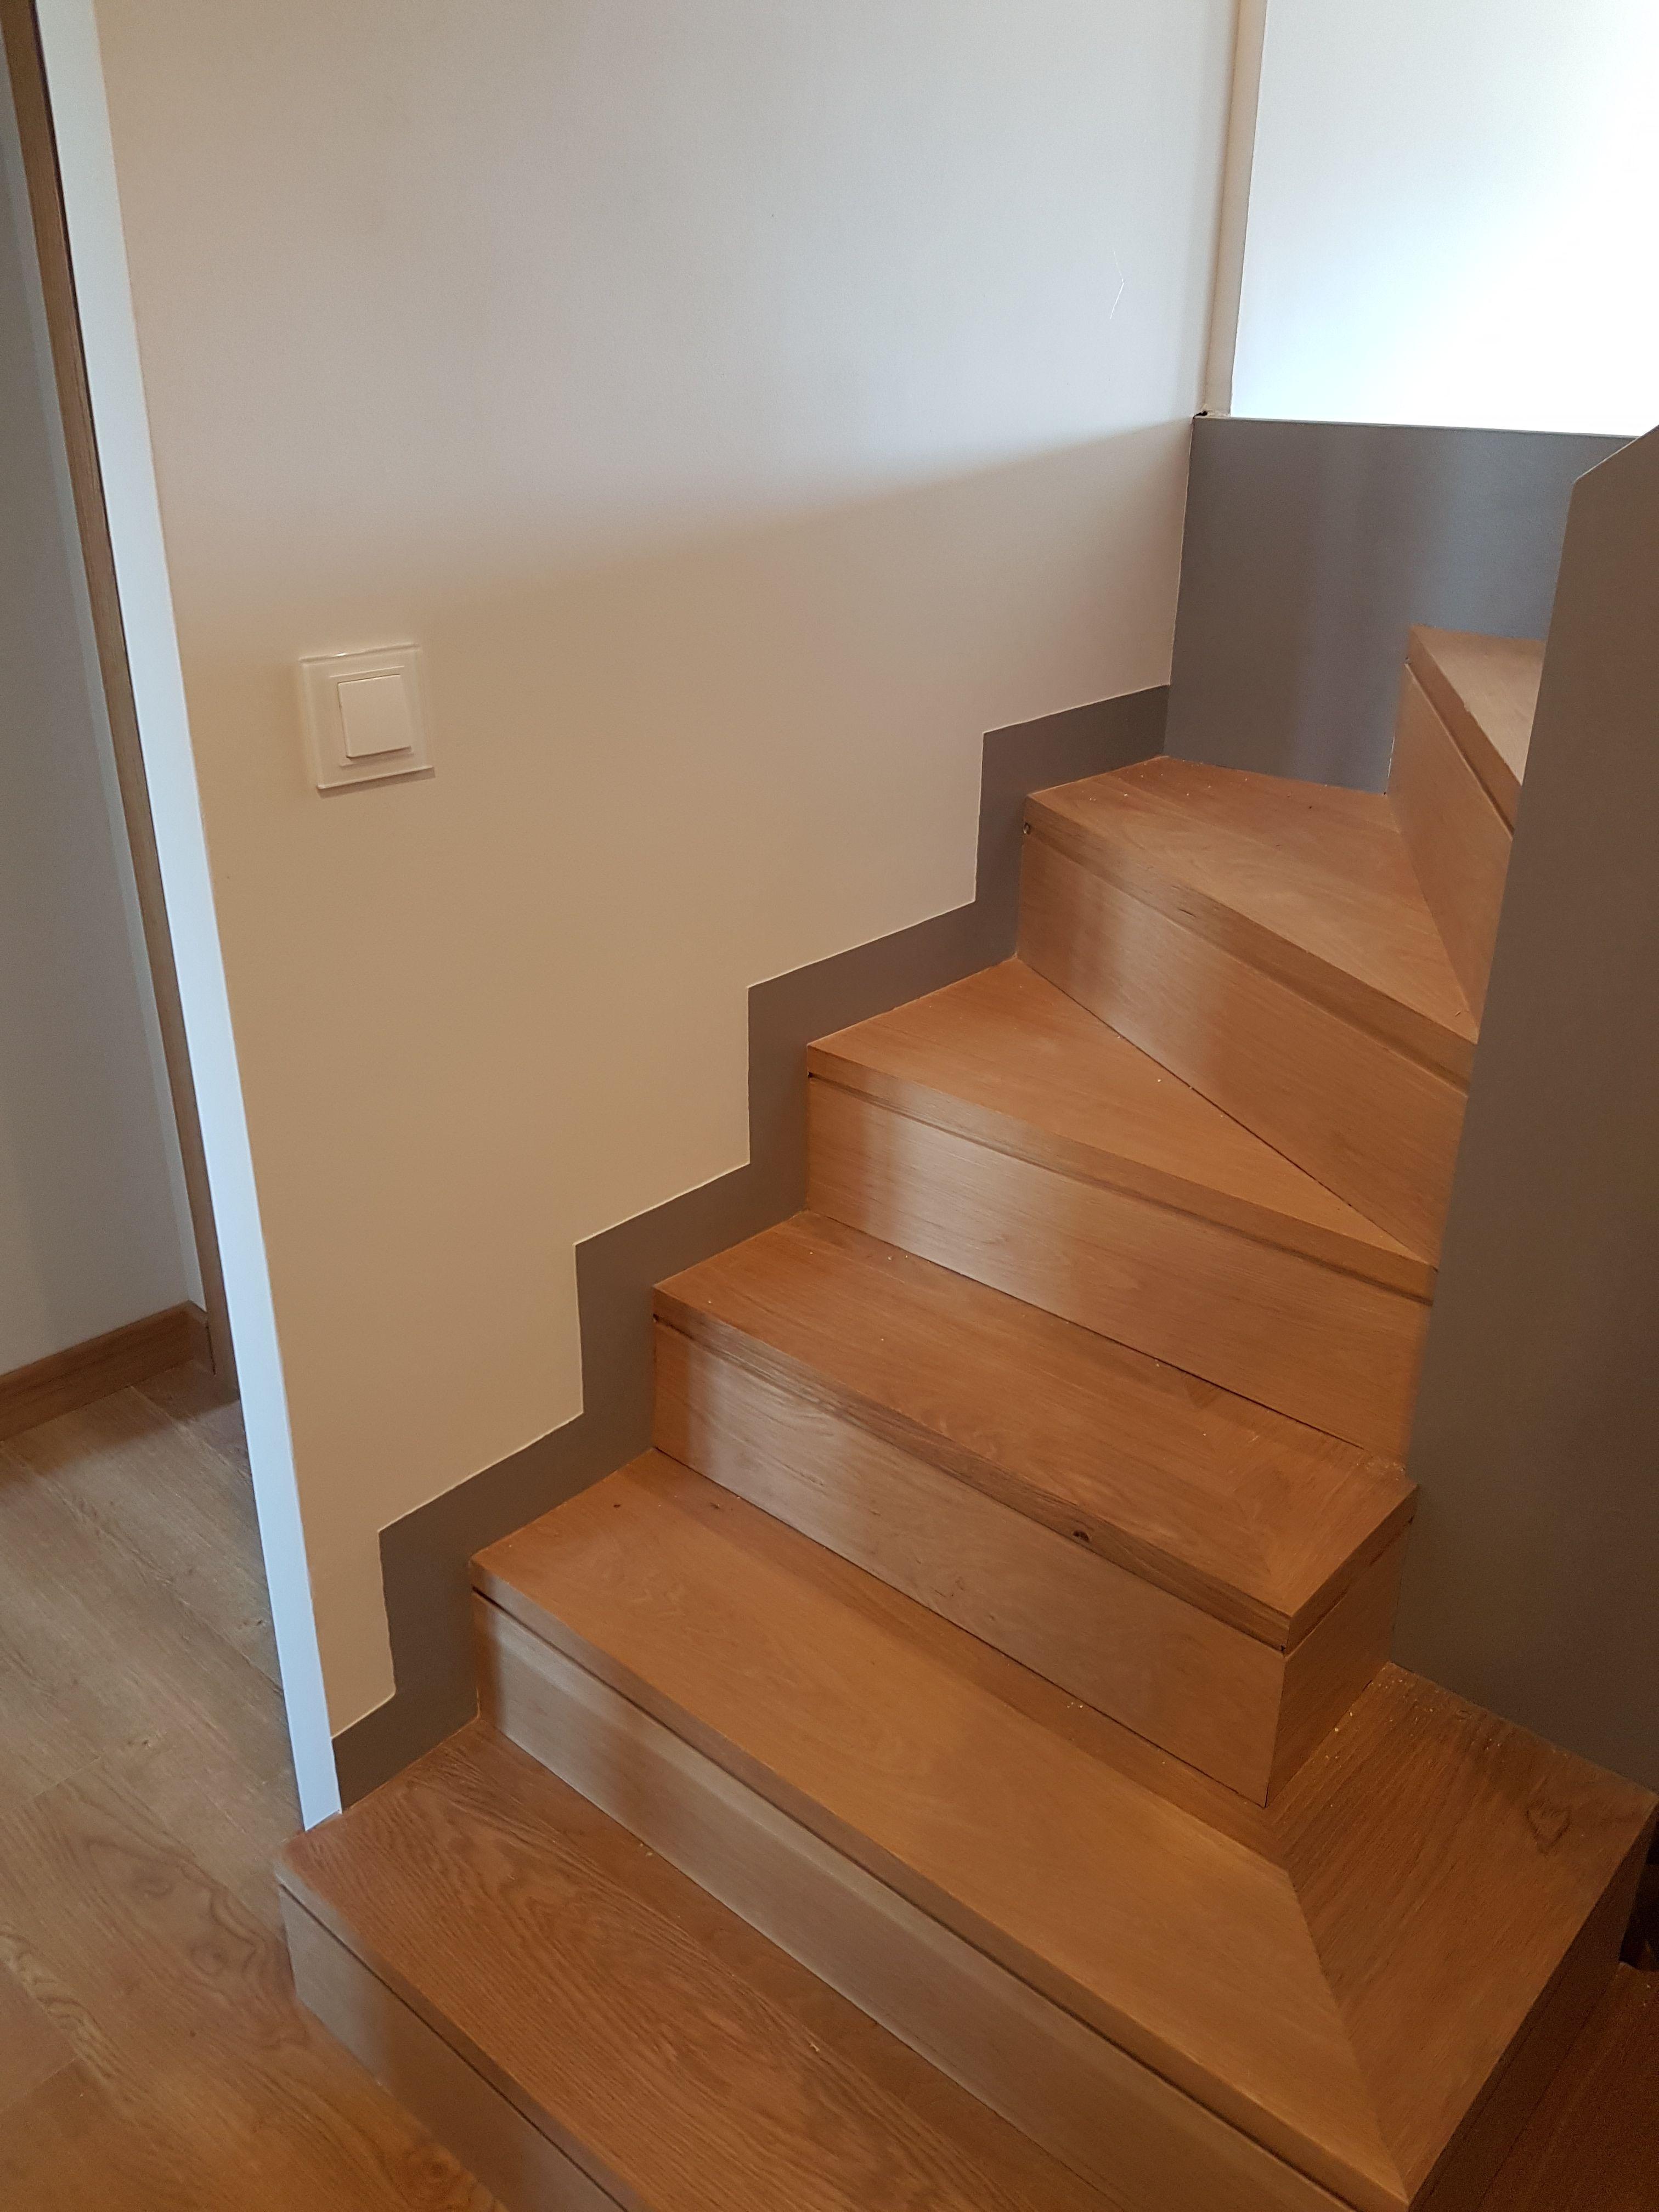 Instalación de escaleras de madera en Madrid